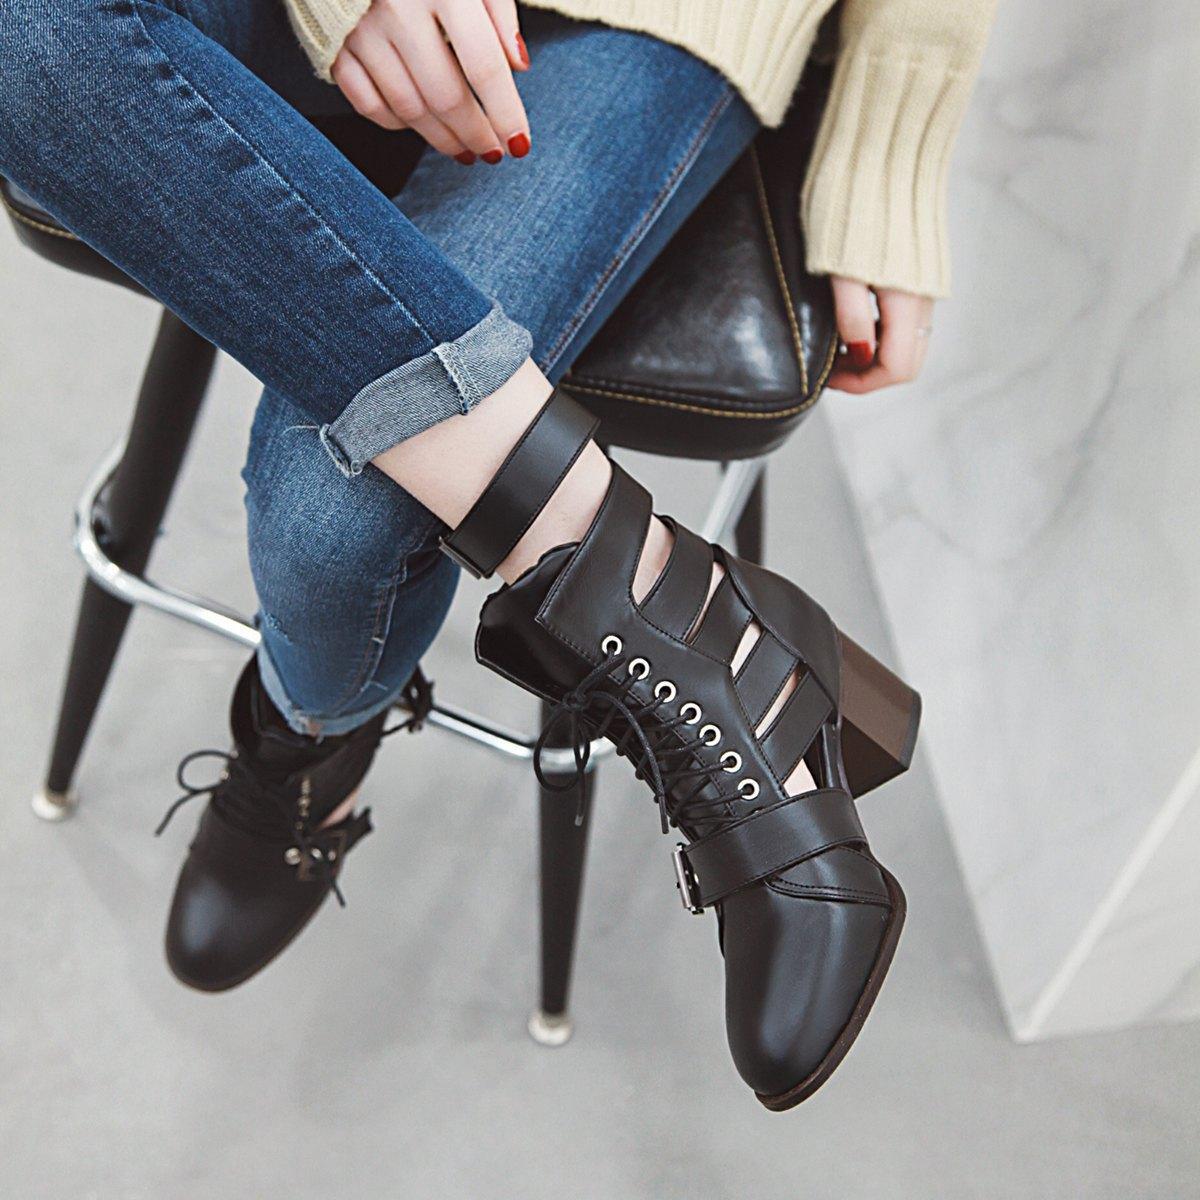 Sıcak Satış-yüksek Topuk Yuvarlak Ayak parmakları Kısa sandalet Botlar Gerçek Deri ayakkabı Kadın ayakkabı Kızlar Ayakkabı Bilek Boot Martin Boots büyük size34-43